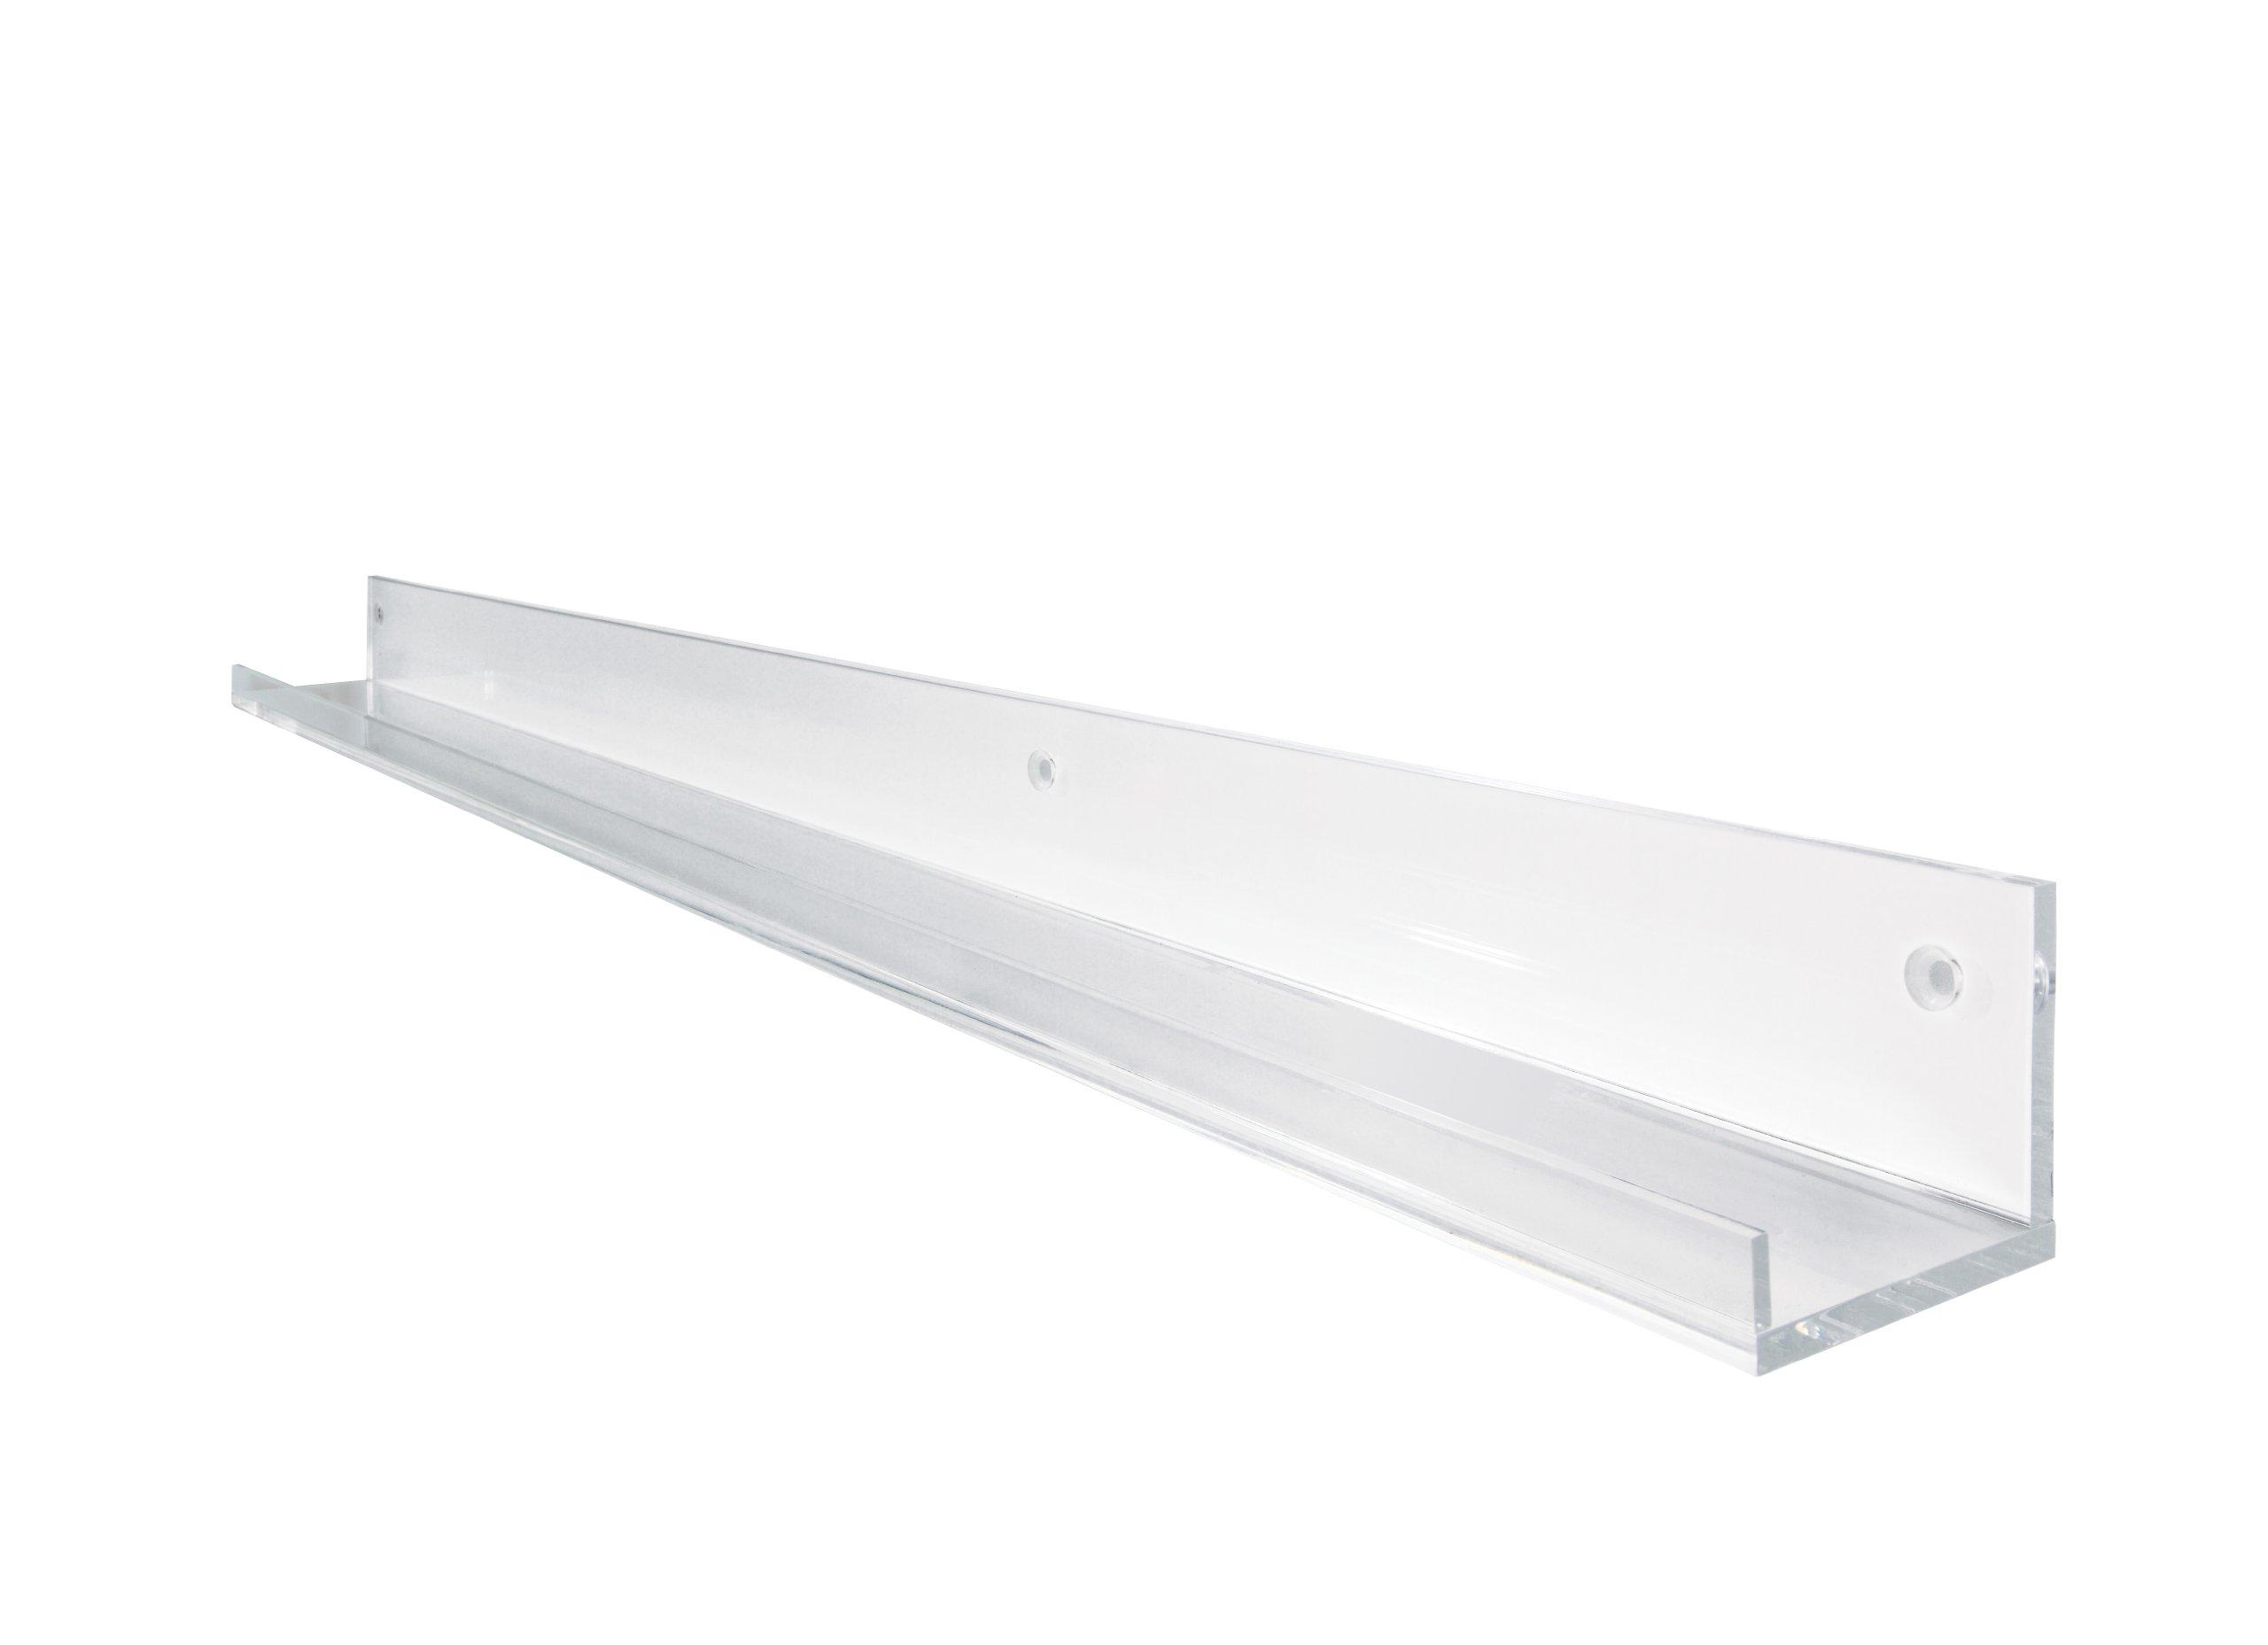 Sigel GA110 Galerieboard gallery / Regal- bzw. Ablageboard, 100 cm, Acrylleiste, transparent (glasklar) - weitere Größe auswählbar